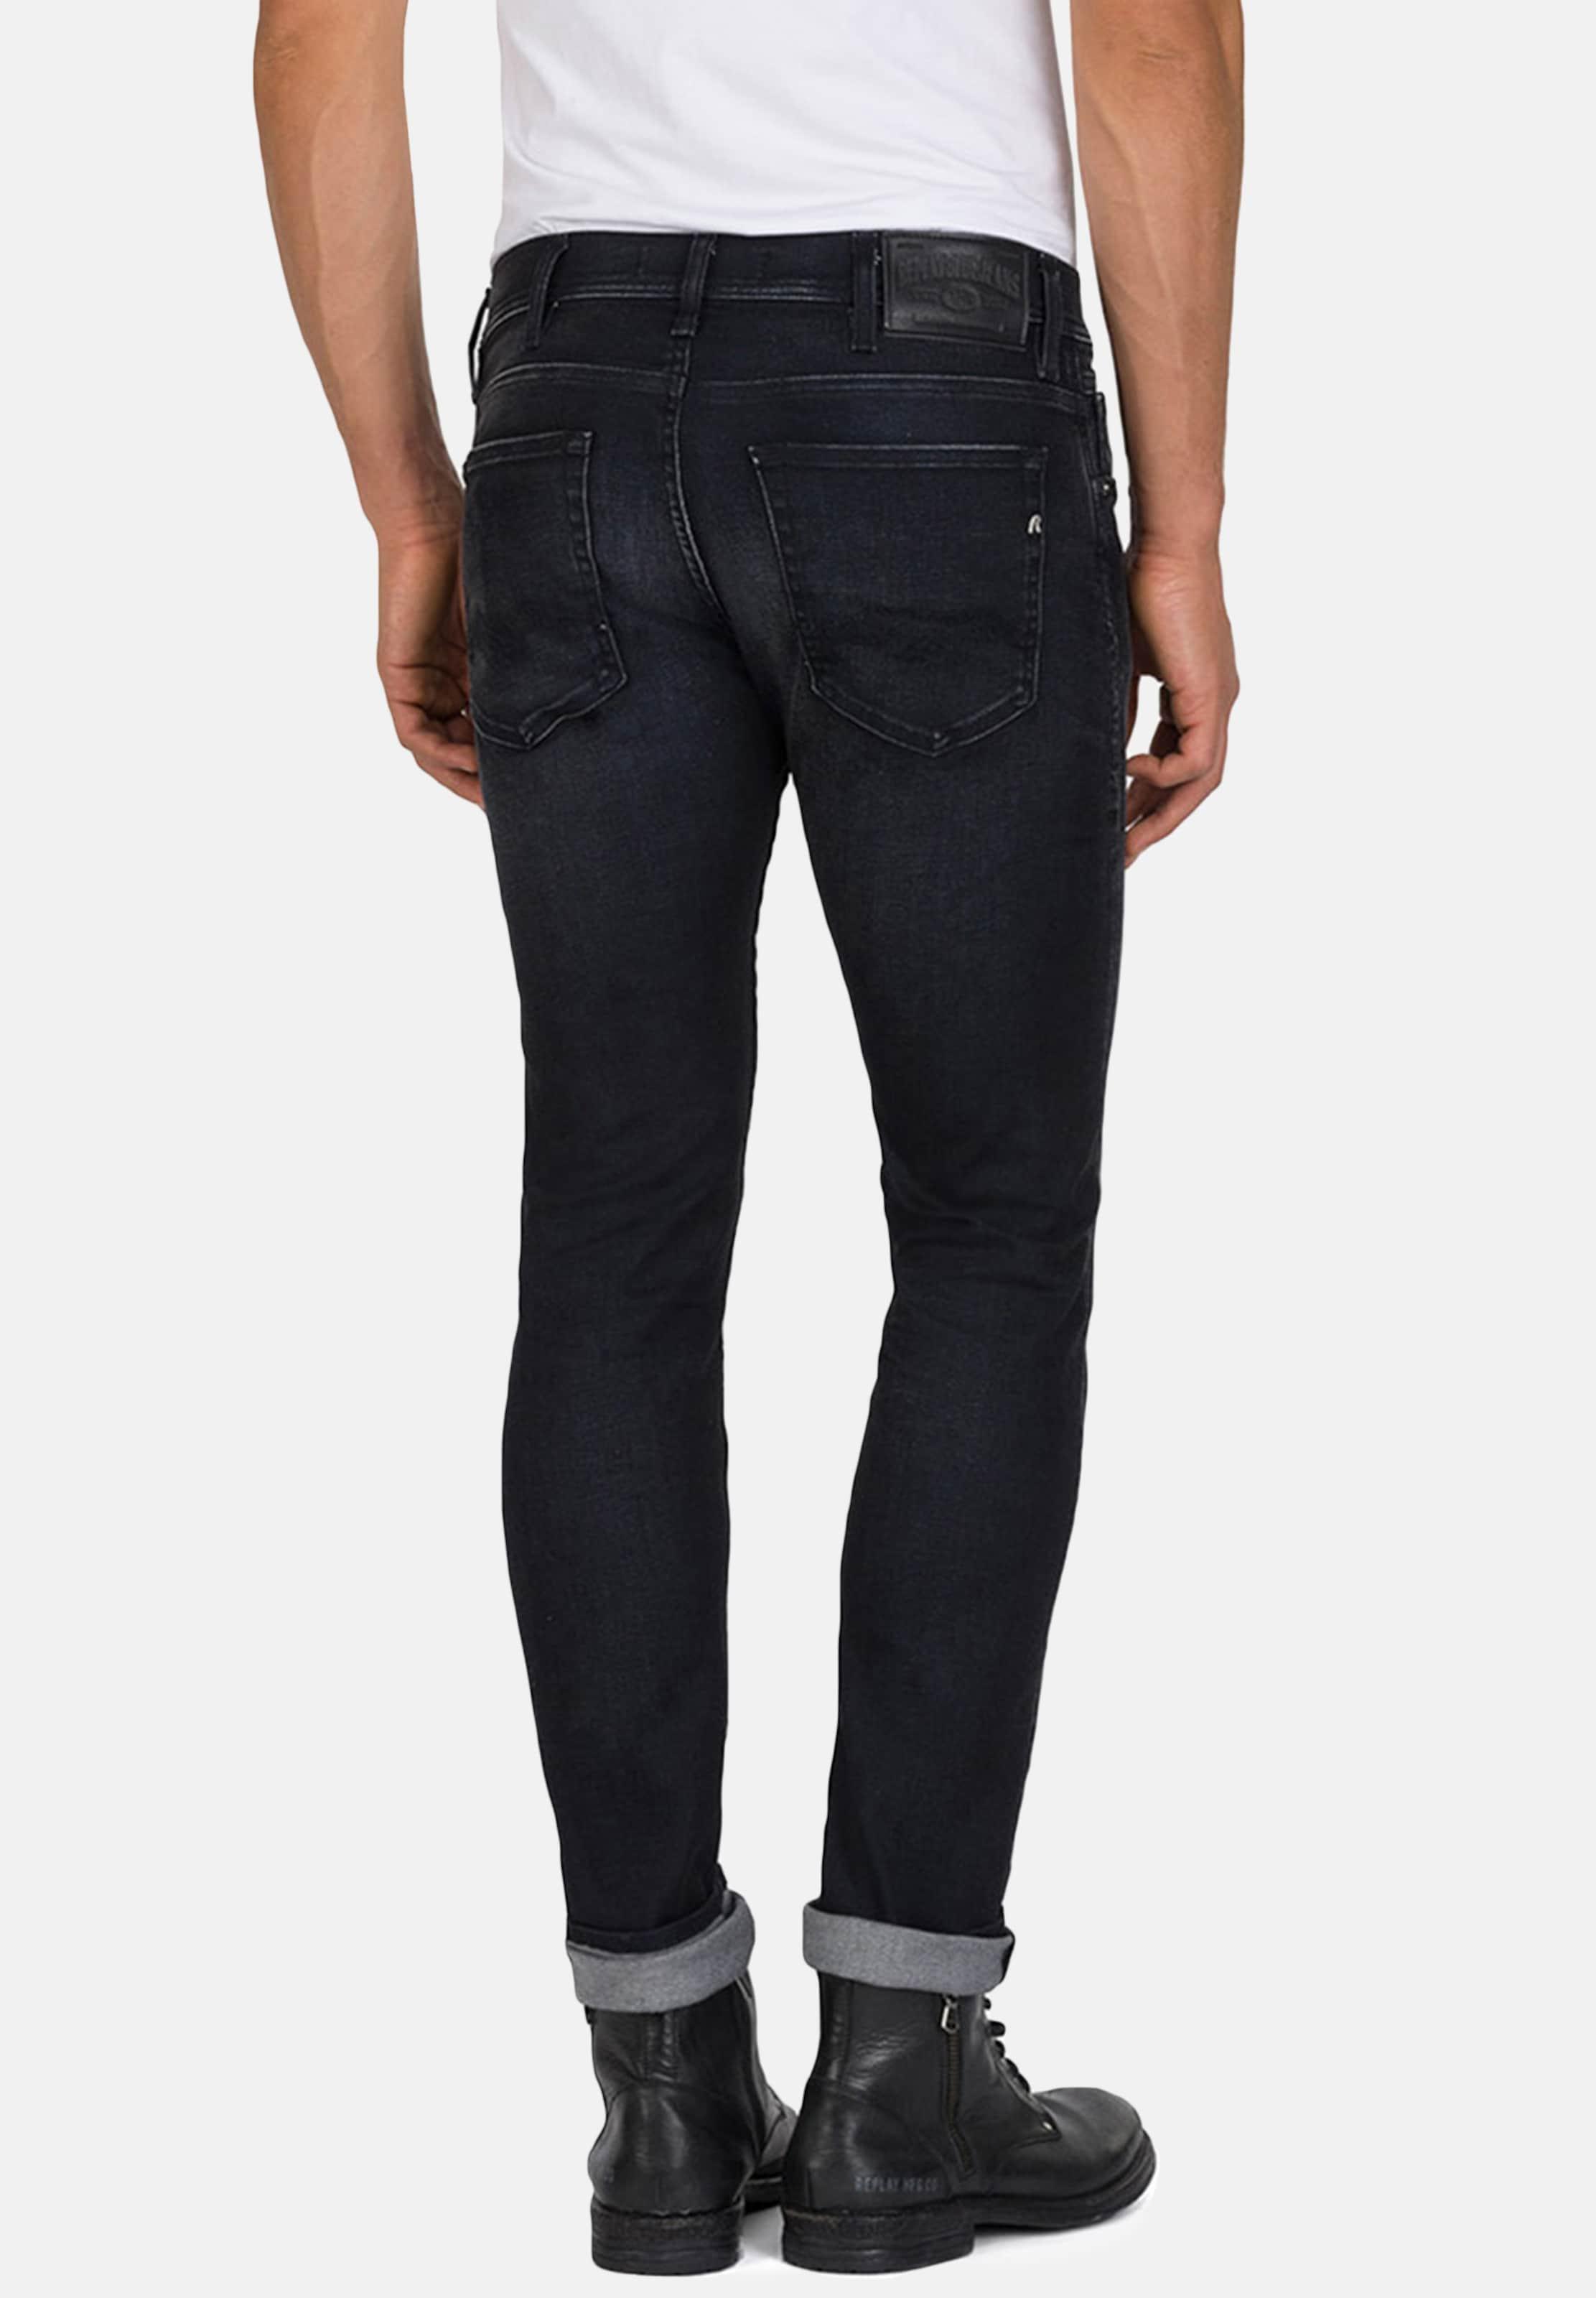 Replay 'jondrill' In Jeans Denim Black CedErxBWQo